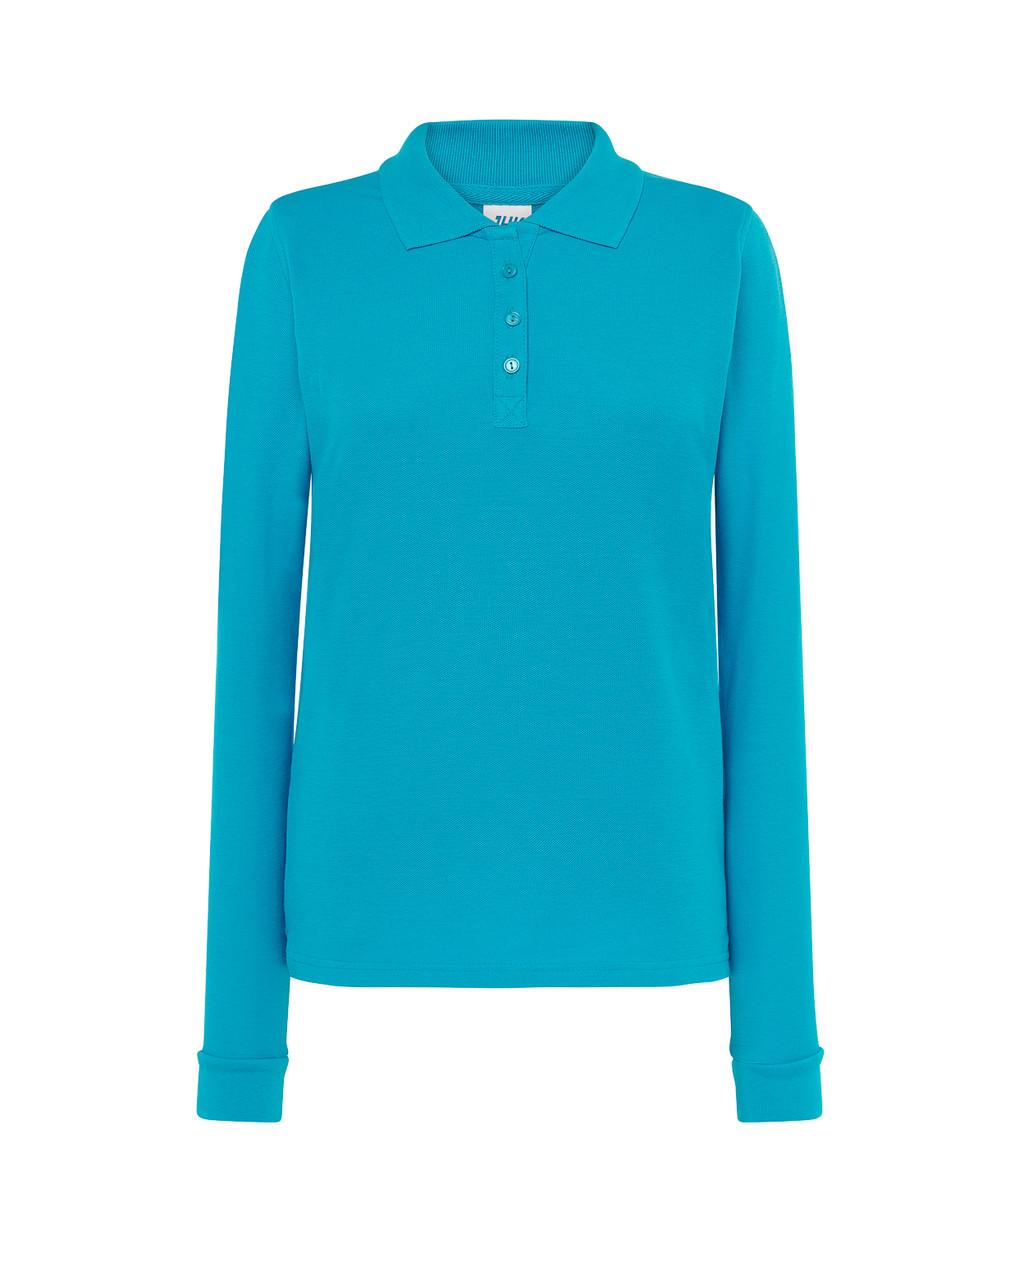 Женская футболка-поло JHK POLO REGULAR LADY LS цвет бирюзовый (TU)